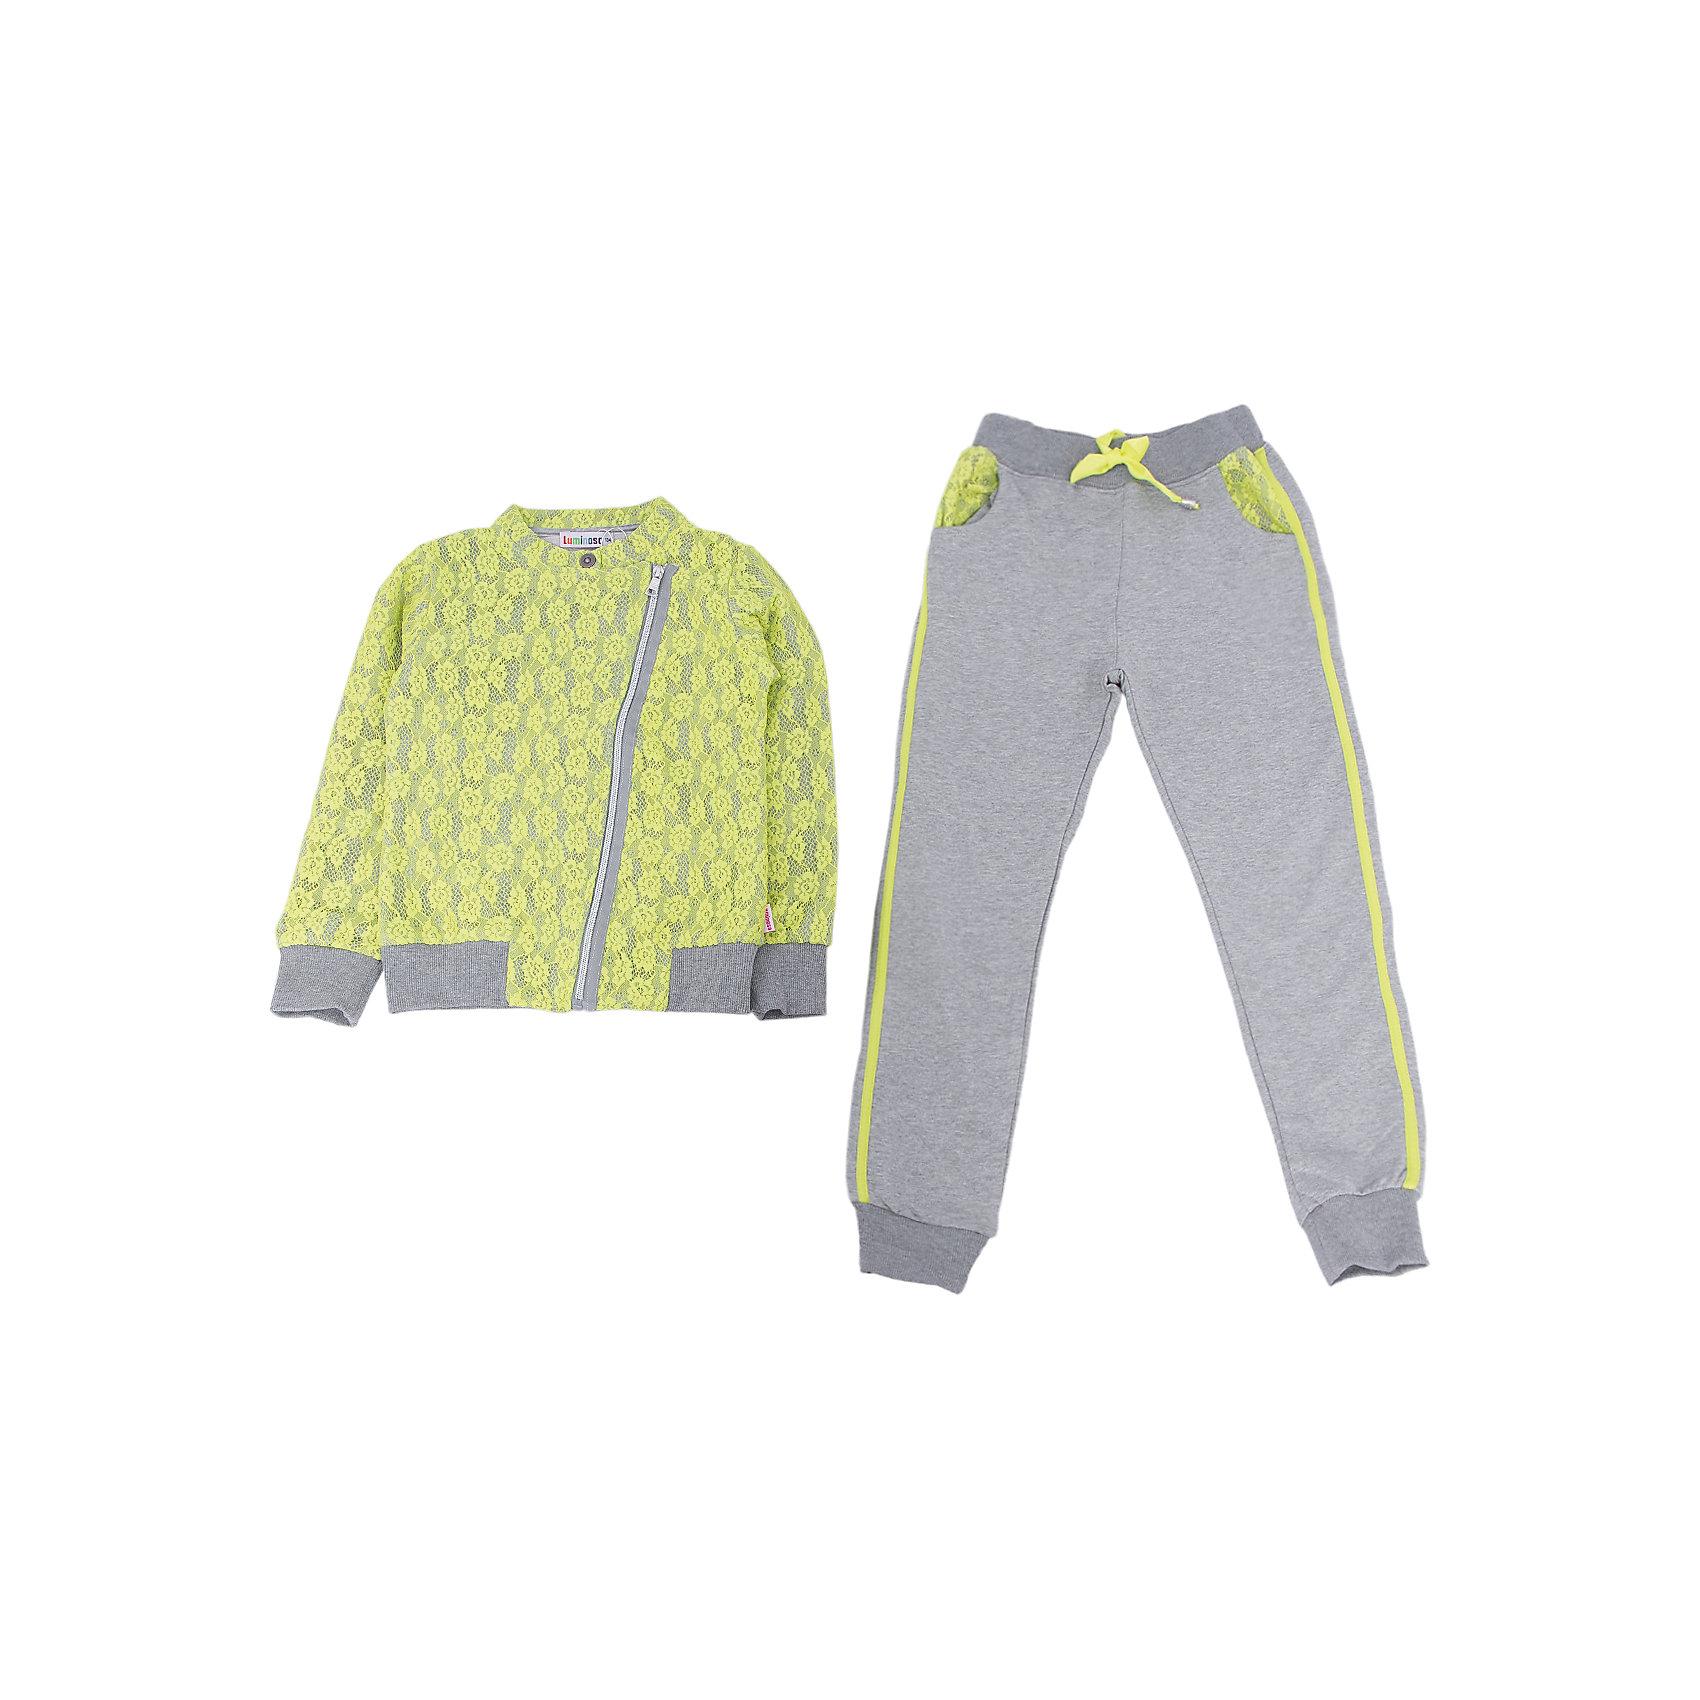 Спортивный костюм для девочки LuminosoСпортивная форма<br>Характеристики товара:<br><br>- цвет: разноцветный;<br>- материал: 95% хлопок, 5% эластан;<br>- трикотаж;<br>- толстовка декорирована кружевом;<br>- ассиметричная молния;<br>- брюки украшены по бокам тесьмой.<br><br>Стильная одежда от бренда Luminoso (Люминосо), созданная при участии итальянских дизайнеров, учитывает потребности подростков и последние веяния моды. Она удобная и модная.<br>Эти стильный спортивный костюм отлично впишется в гардероб девочки. Толстовка и брюки хорошо сидят на ребенке и обеспечивают комфорт. Модель отличается высоким качеством материала и продуманным дизайном. Натуральный хлопок в составе изделия делает его дышащим, приятным на ощупь и гипоаллергеным.<br><br>Спортивный костюм от бренда Luminoso (Люминосо) можно купить в нашем интернет-магазине.<br><br>Ширина мм: 247<br>Глубина мм: 16<br>Высота мм: 140<br>Вес г: 225<br>Цвет: зеленый<br>Возраст от месяцев: 132<br>Возраст до месяцев: 144<br>Пол: Женский<br>Возраст: Детский<br>Размер: 152,146,158,164,134,140<br>SKU: 4929724